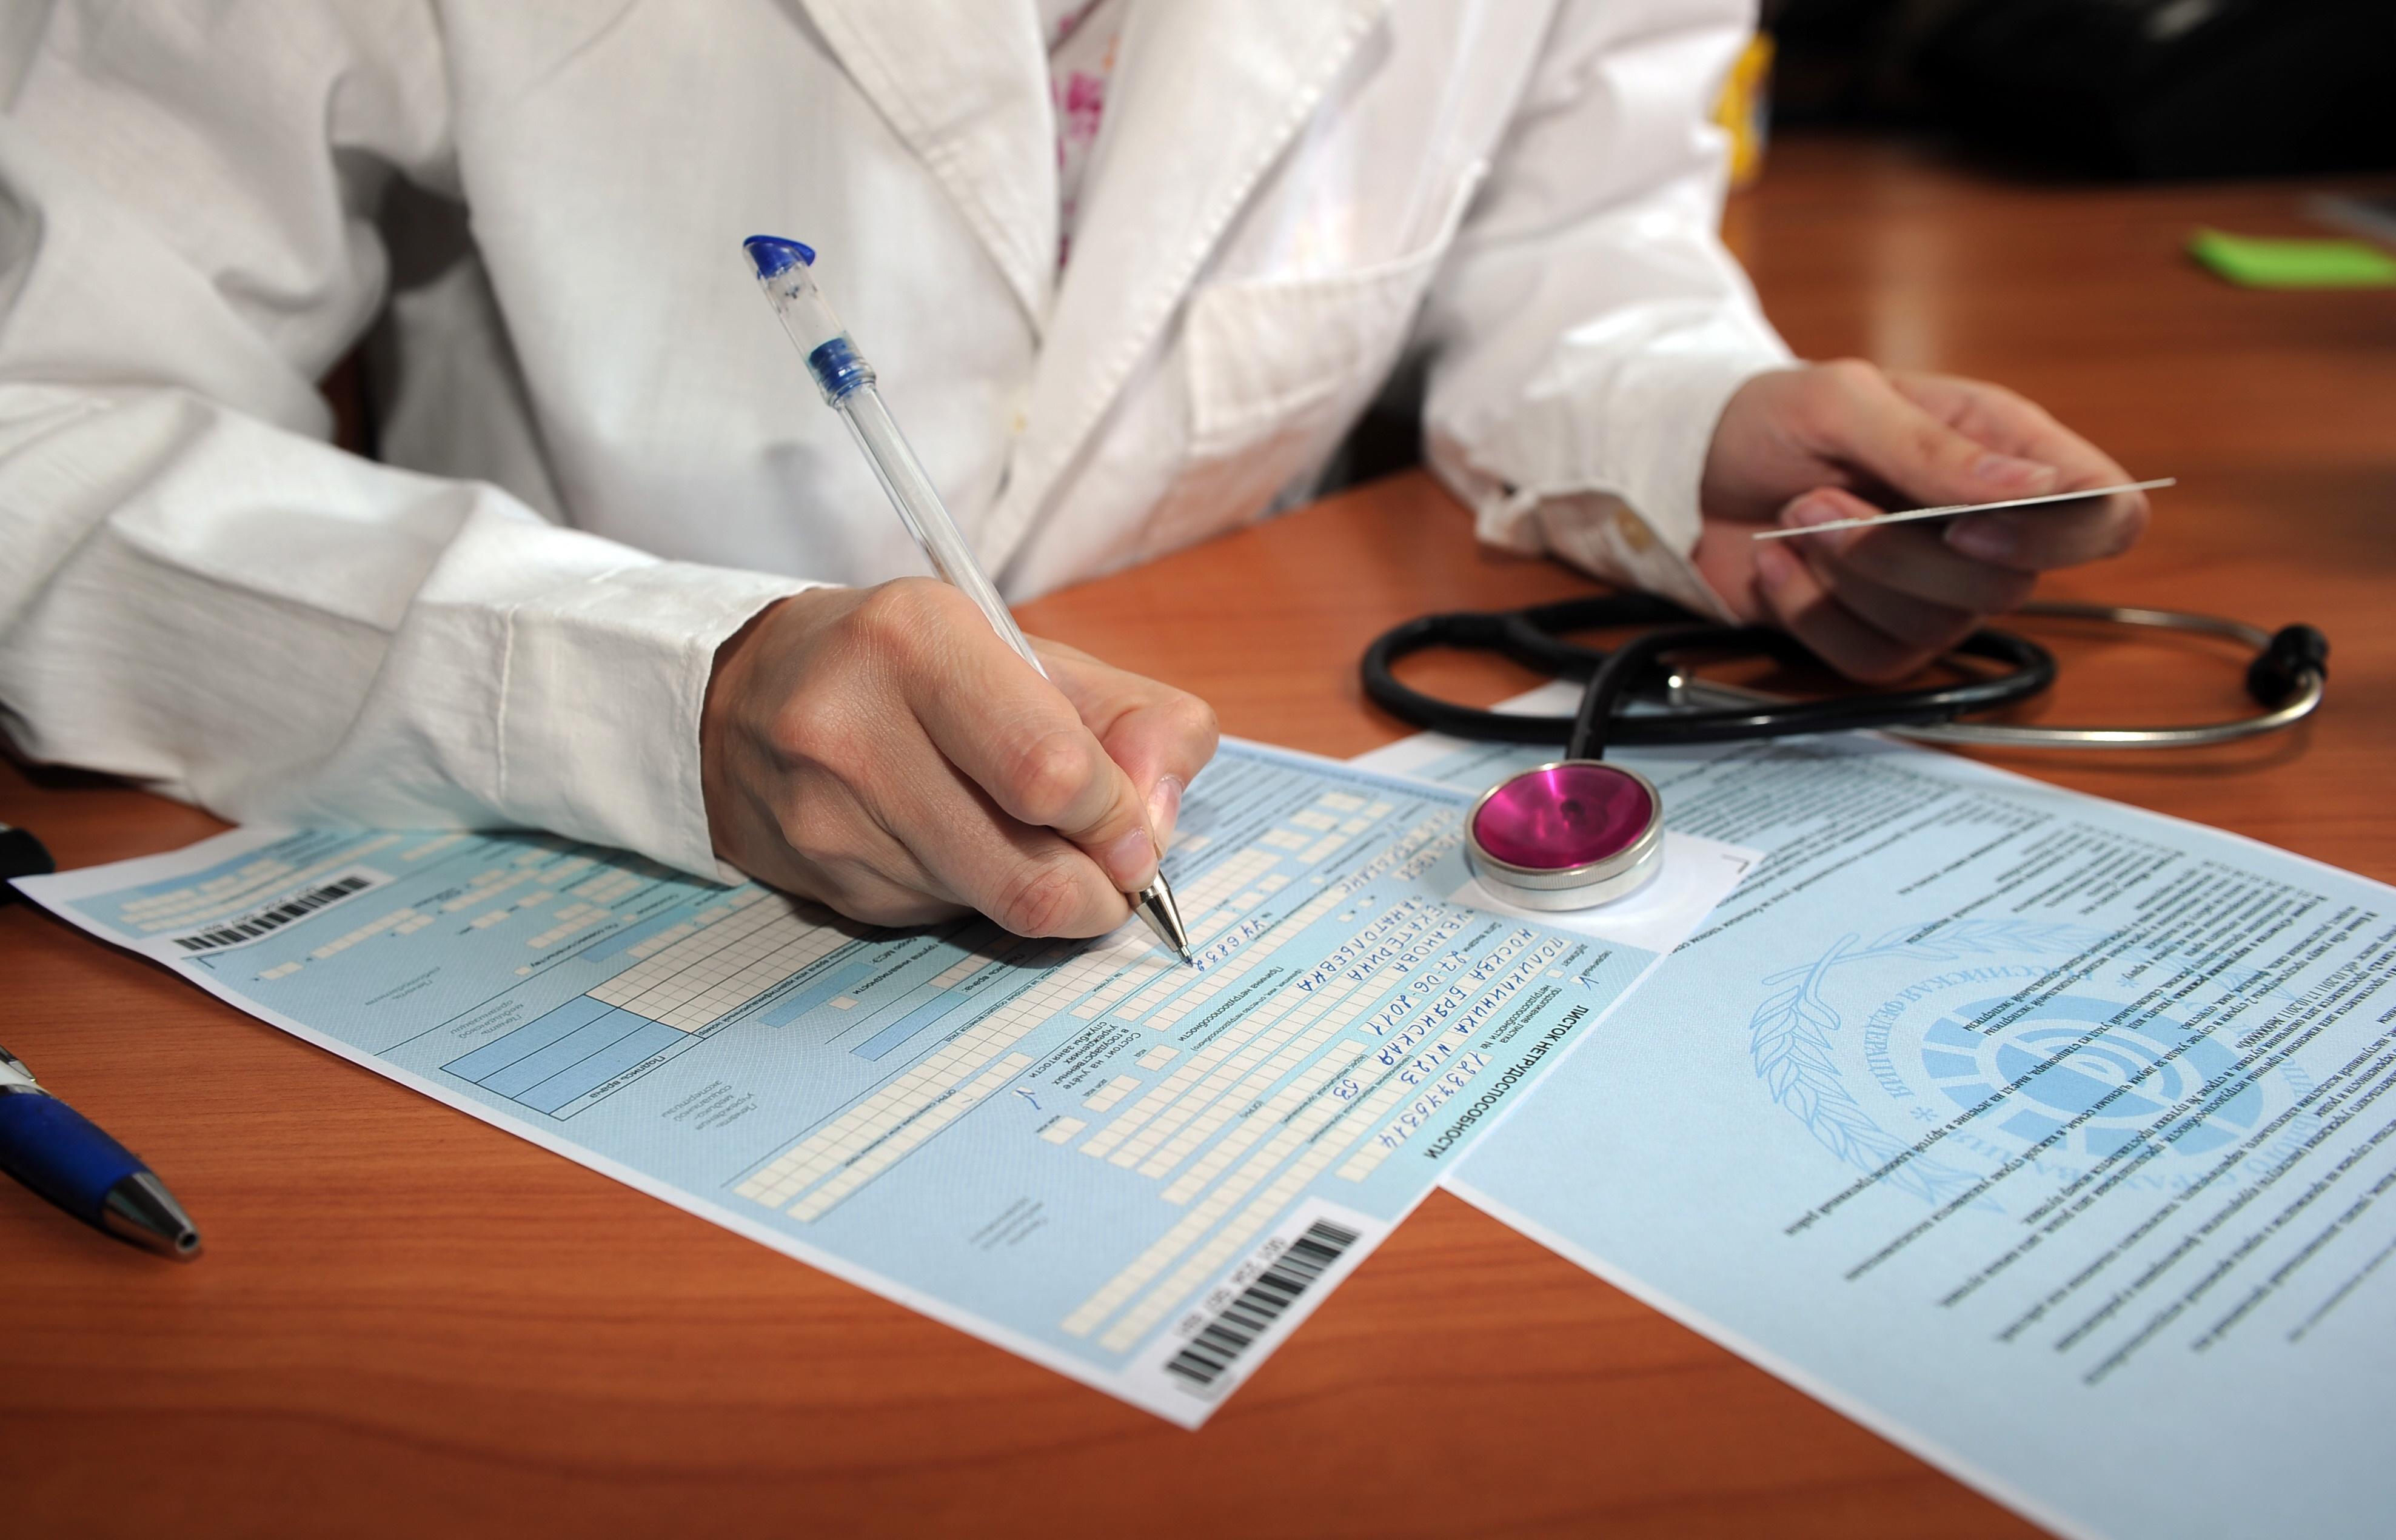 Опдата больничного по стажу работы